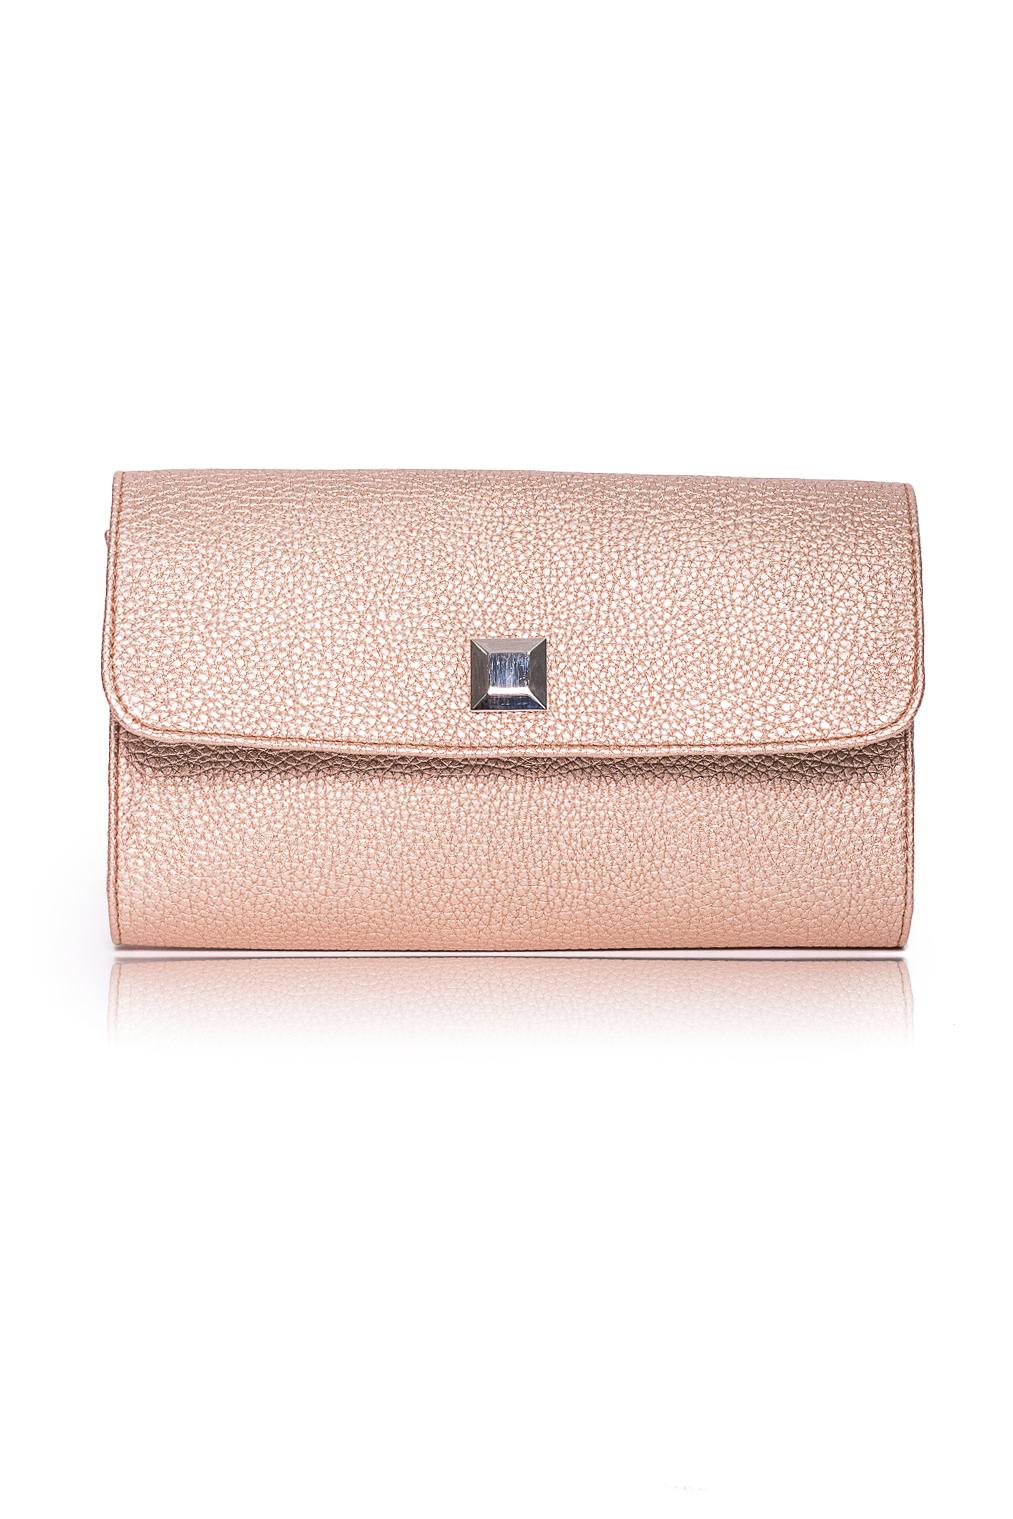 КлатчКлатчи<br>Женские сумки бренда DINESSI - это стильные аксессуары, которые по достоинству оценят представительницы прекрасного пола.  Клатч с клапаном и застежкой на магнит. Внутри карман на молнии.   Цвет: золотой.  Размеры: 26 * 15,5 * 5 ± 1 см<br><br>Отделения: 1 отделение<br>По материалу: Искусственная кожа<br>По размеру: Средние<br>По рисунку: Однотонные<br>По способу ношения: В руках<br>По степени жесткости: Полужесткие<br>По типу застежки: На магните<br>По элементам: Карман на молнии,Карман под телефон,С декором,С отделочной фурнитурой<br>По стилю: Повседневный стиль,Нарядный стиль<br>По форме: Прямоугольные<br>Размер : UNI<br>Материал: Искусственная кожа<br>Количество в наличии: 1